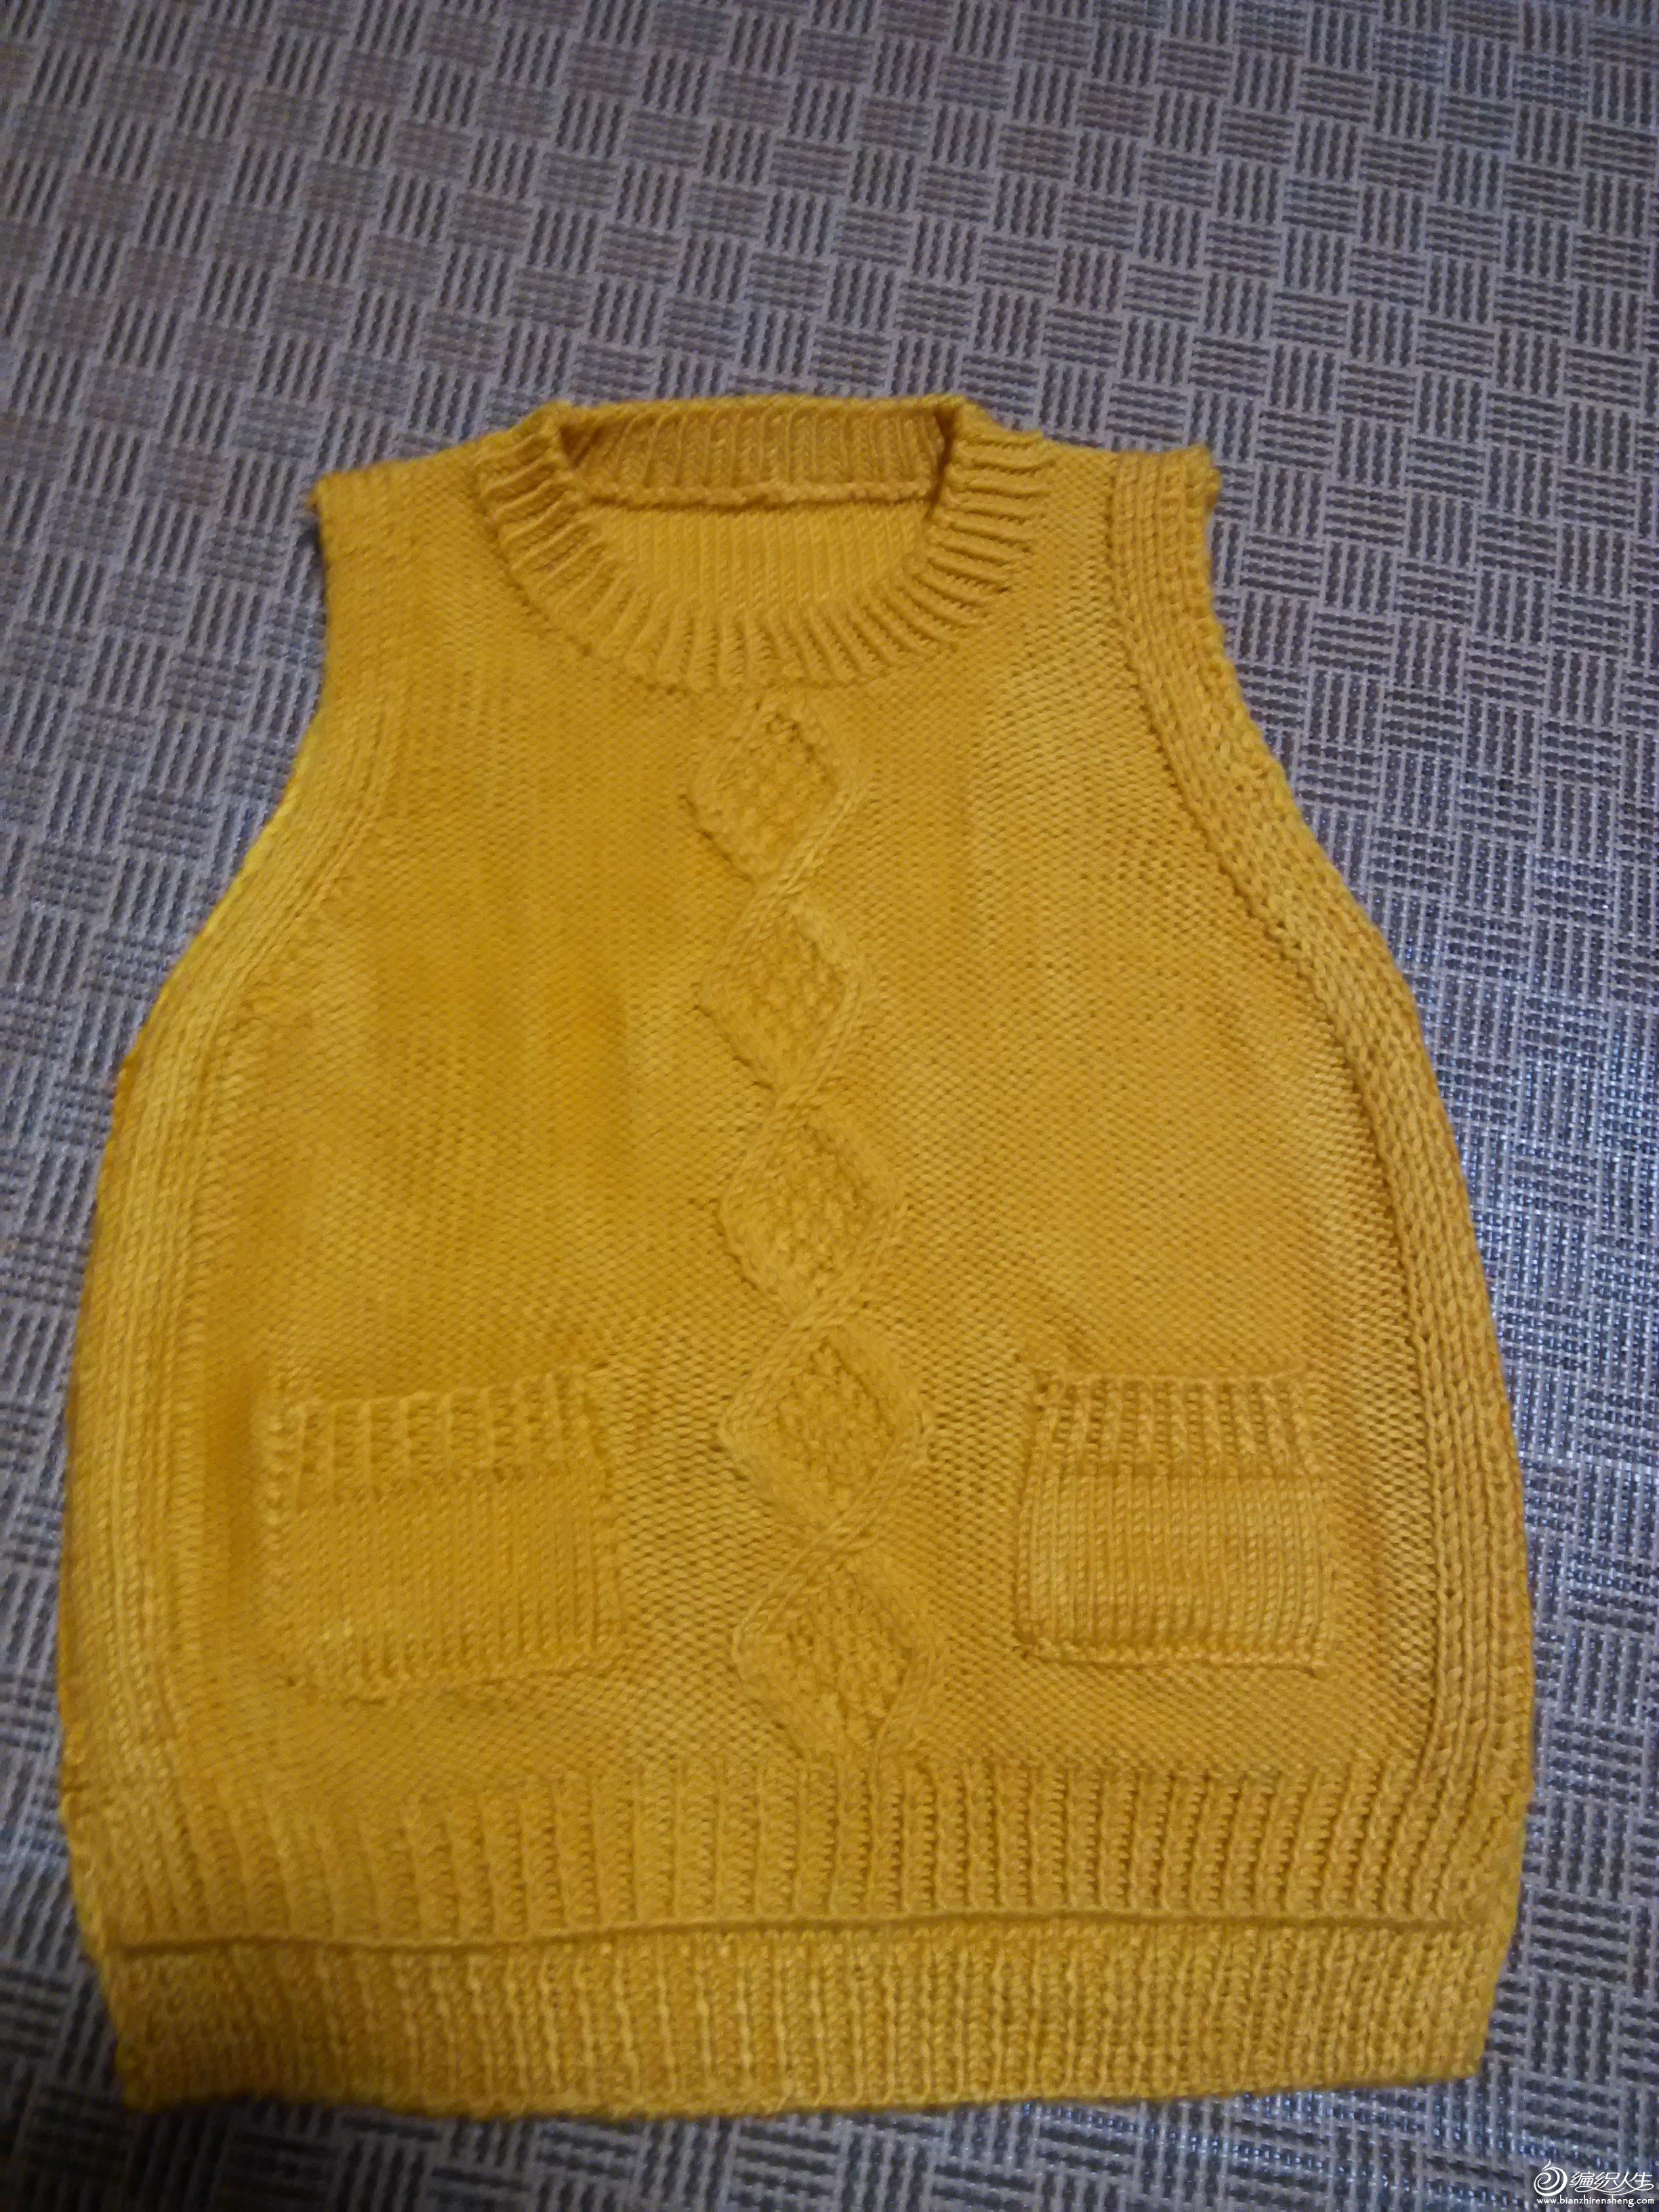 线是七彩虹毛线坊的,很合算,100元买了四合,是同色的,织了好几件还有二盒, 衣服是照乖诺诺的背心,非常漂亮,连织了二件,论坛上去搜一下 薄荷 购线地址是:棉线 儿童宝宝线 巴布豆 进口黄金棉宝宝线(整盒价)-淘宝网